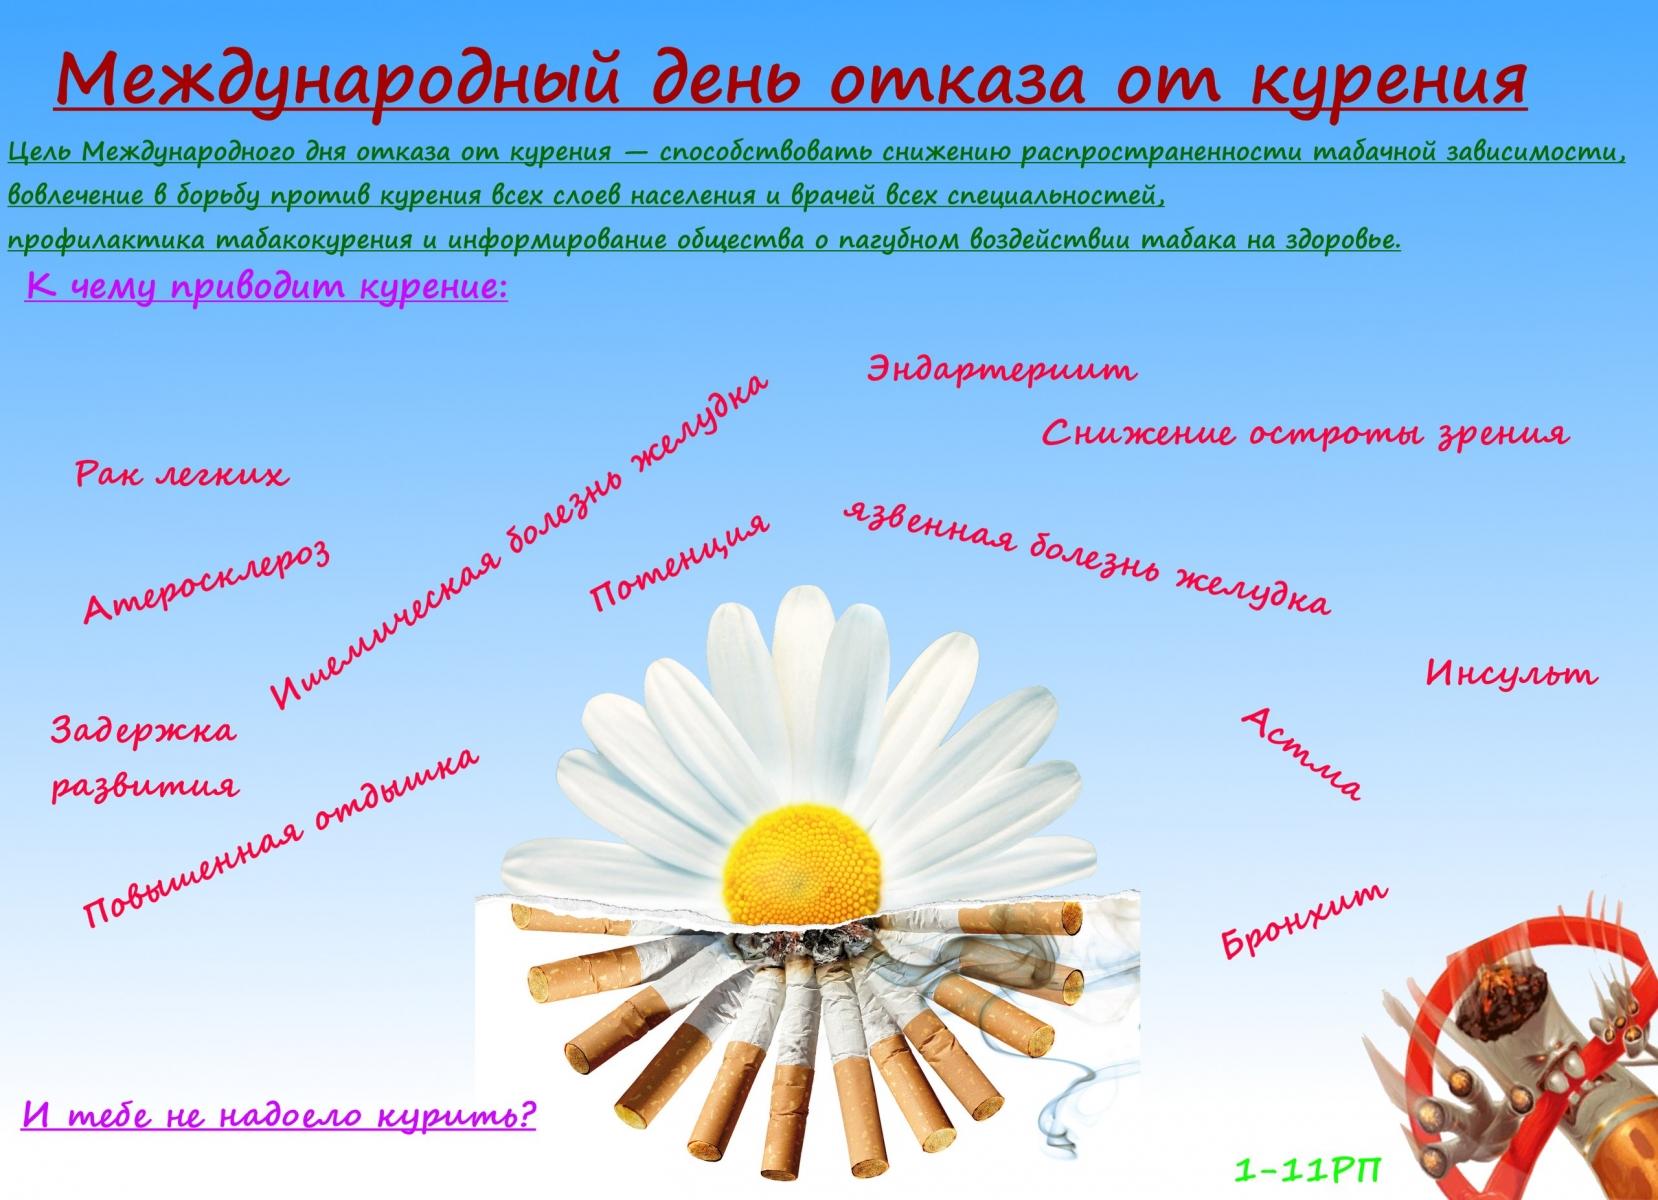 Определить зависимость от курения